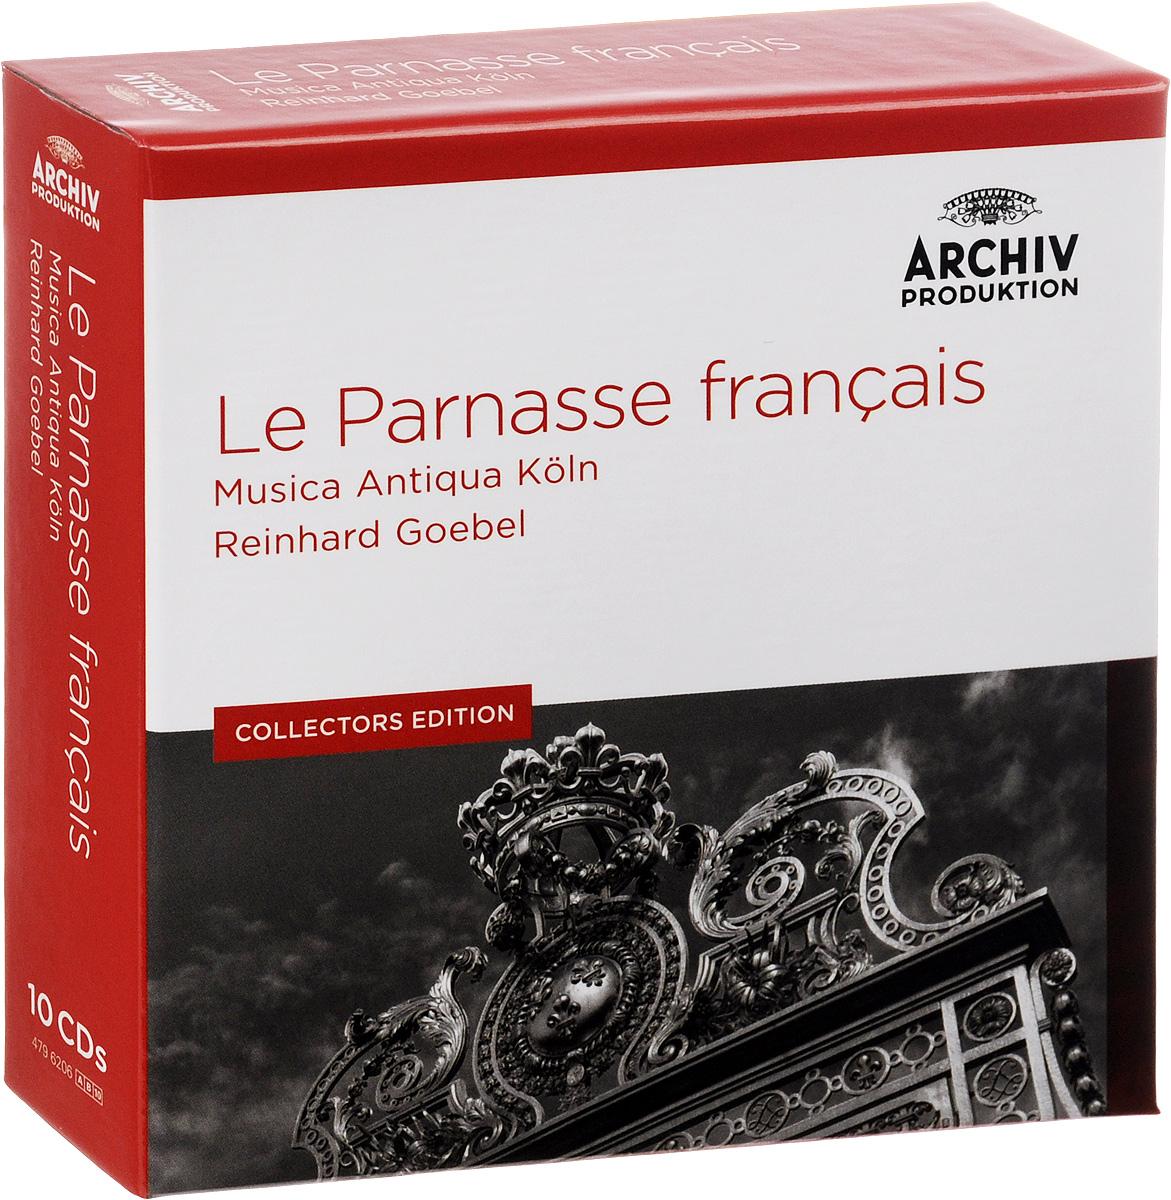 К изданию прилагается 32-страничный каталог с анонсами издательства и 20-страничный буклет со списком треков и дополнительной информацией на английском, немецком и французском языках.